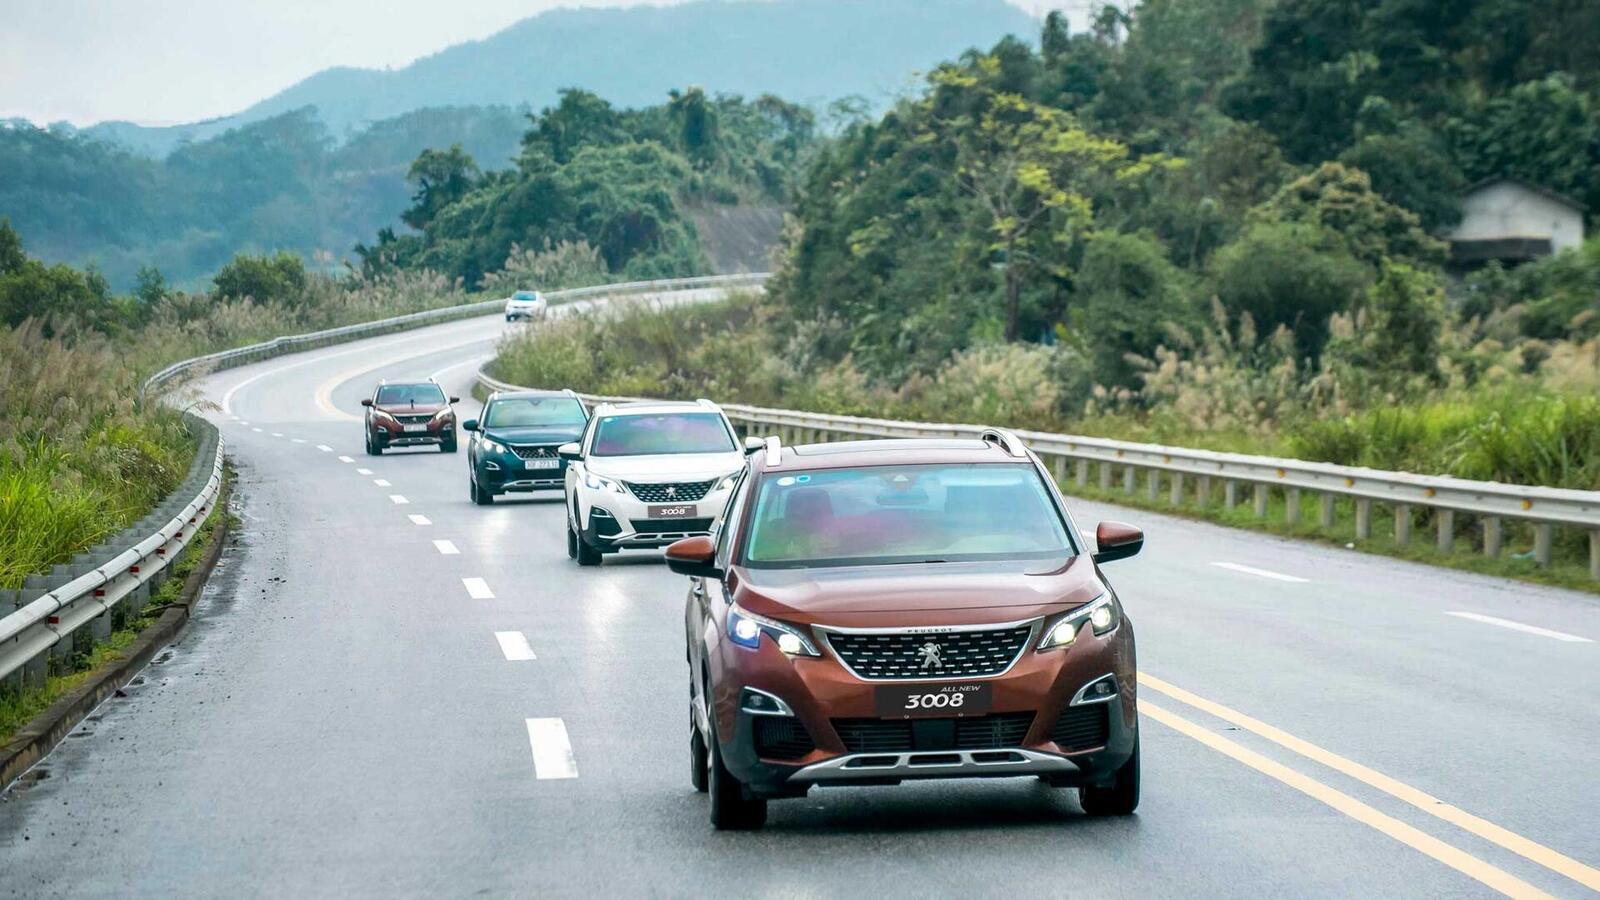 Doanh số tăng trưởng vượt bậc, Peugeot tiếp tục đẩy mạnh ưu đãi dịch vụ hậu mãi - Hình 1